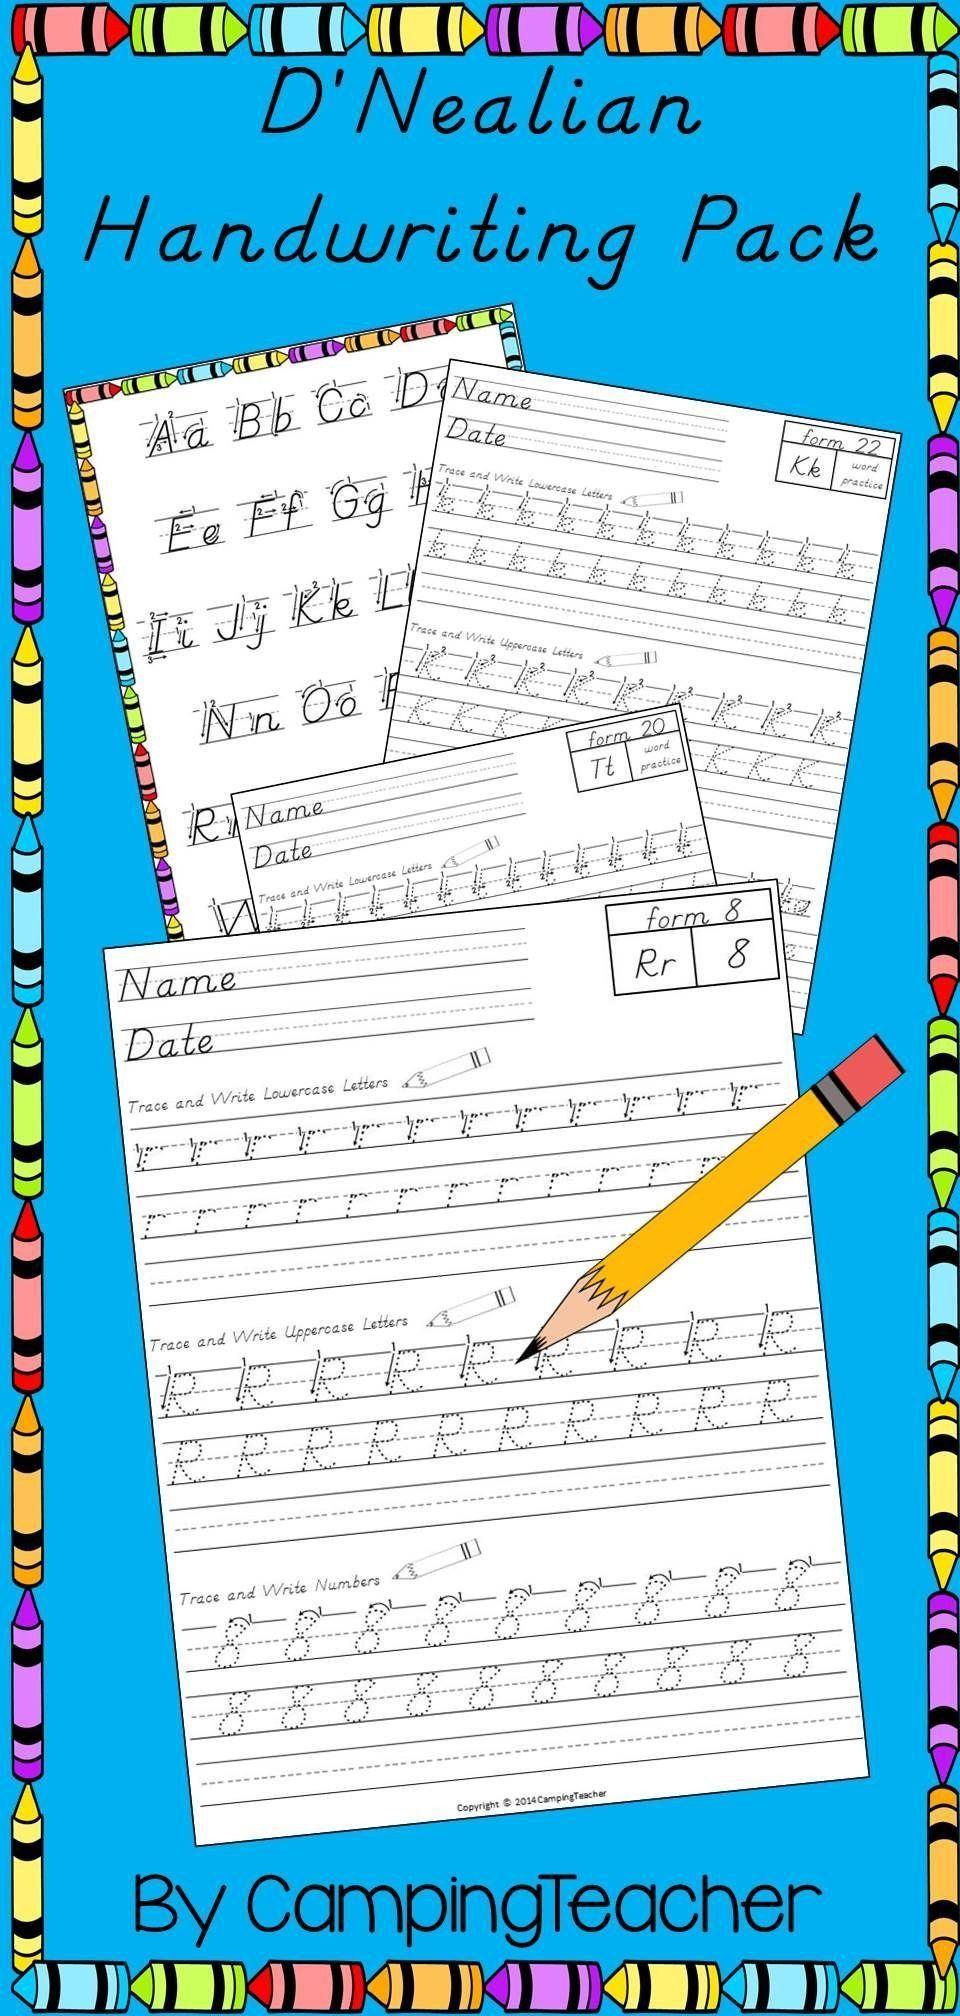 D Nealian Handwriting Sheets D Nealian Writing Pack Handwriting Practice Handwriting Practice Teaching Handwriting Handwriting Analysis